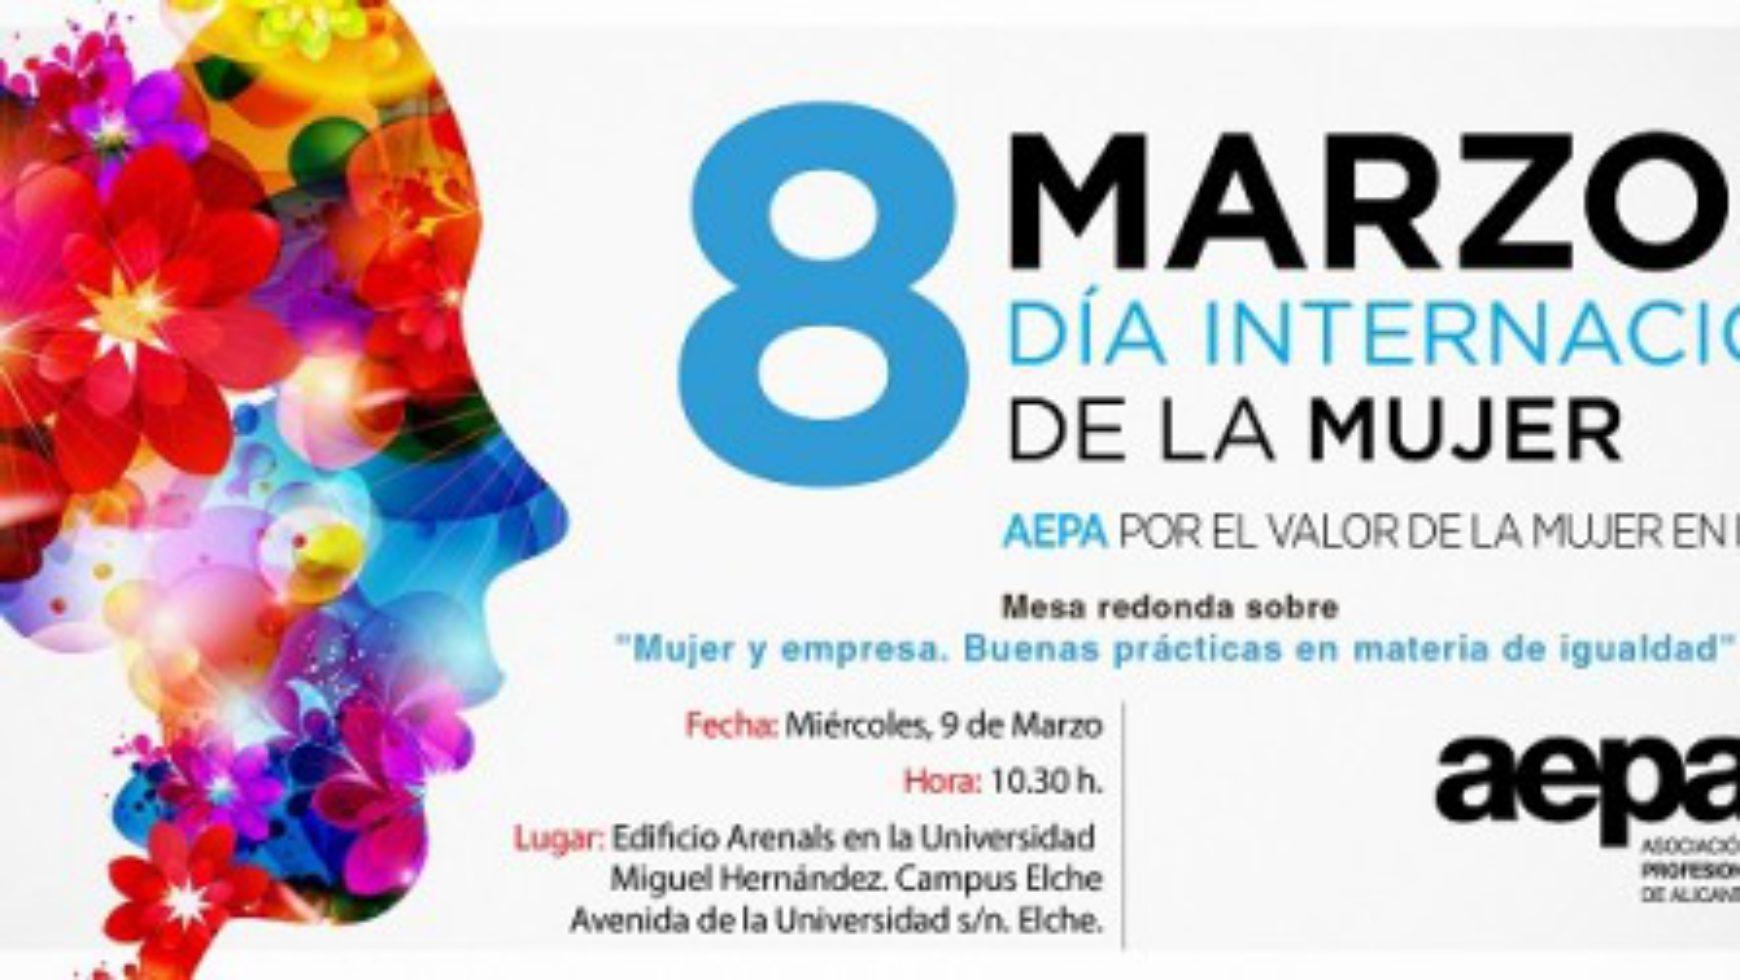 AEPA Día Internacional de la Mujer